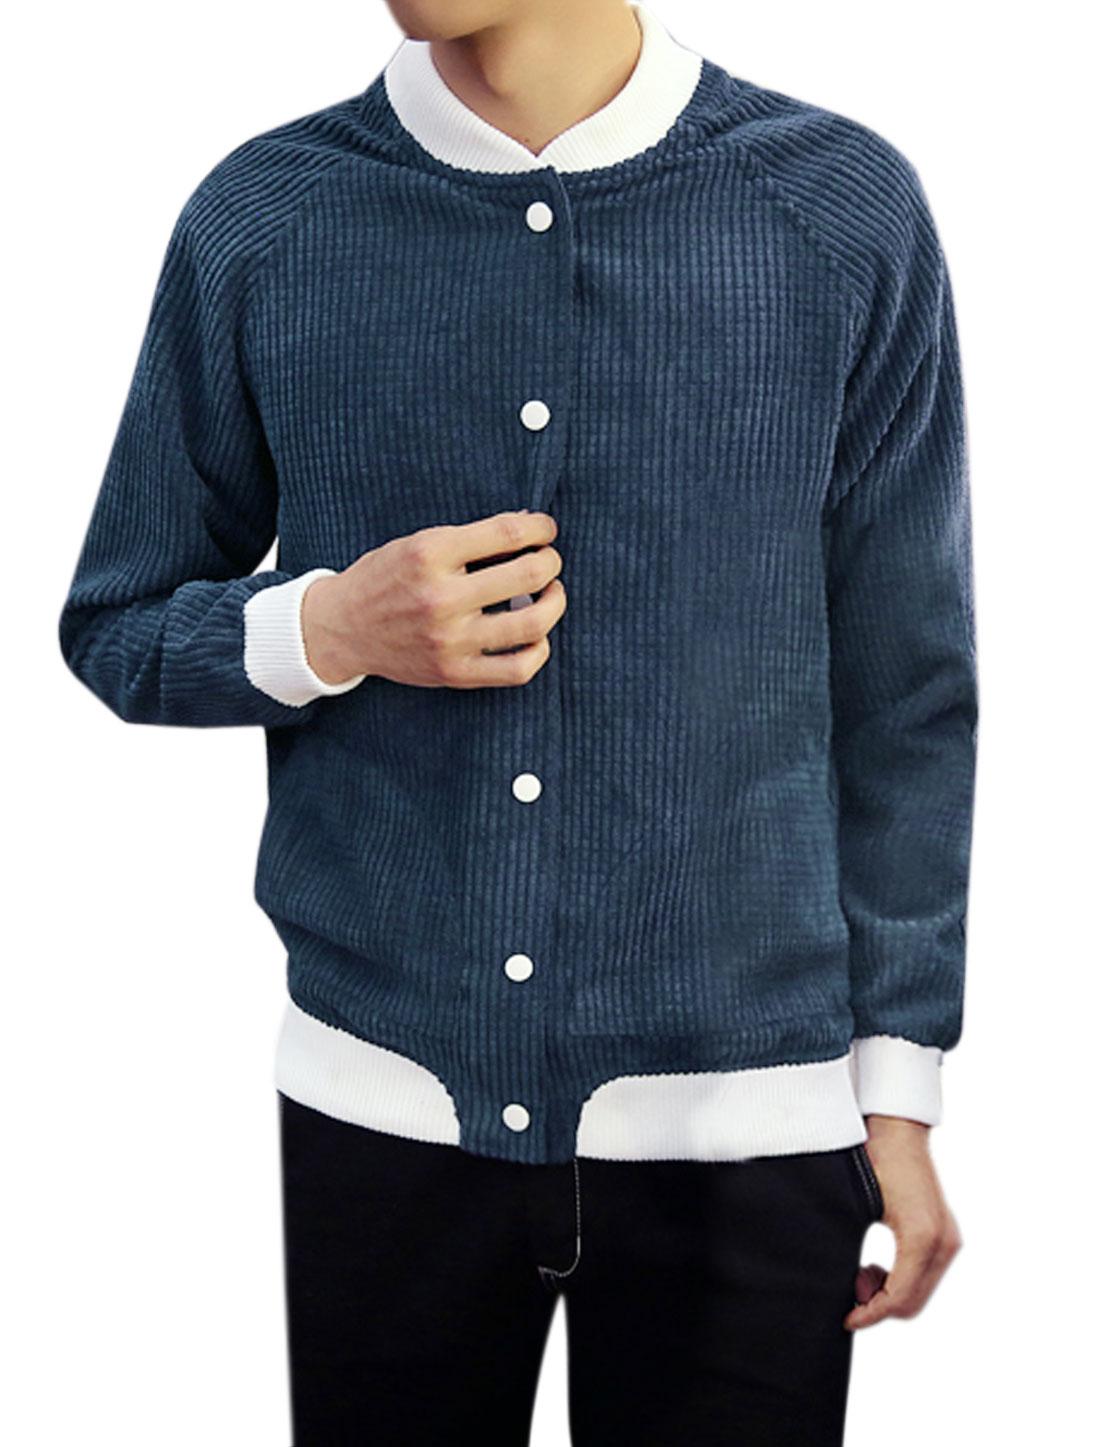 Men Snap Buttons Closure Contrast Color Textured Jacket Blue M